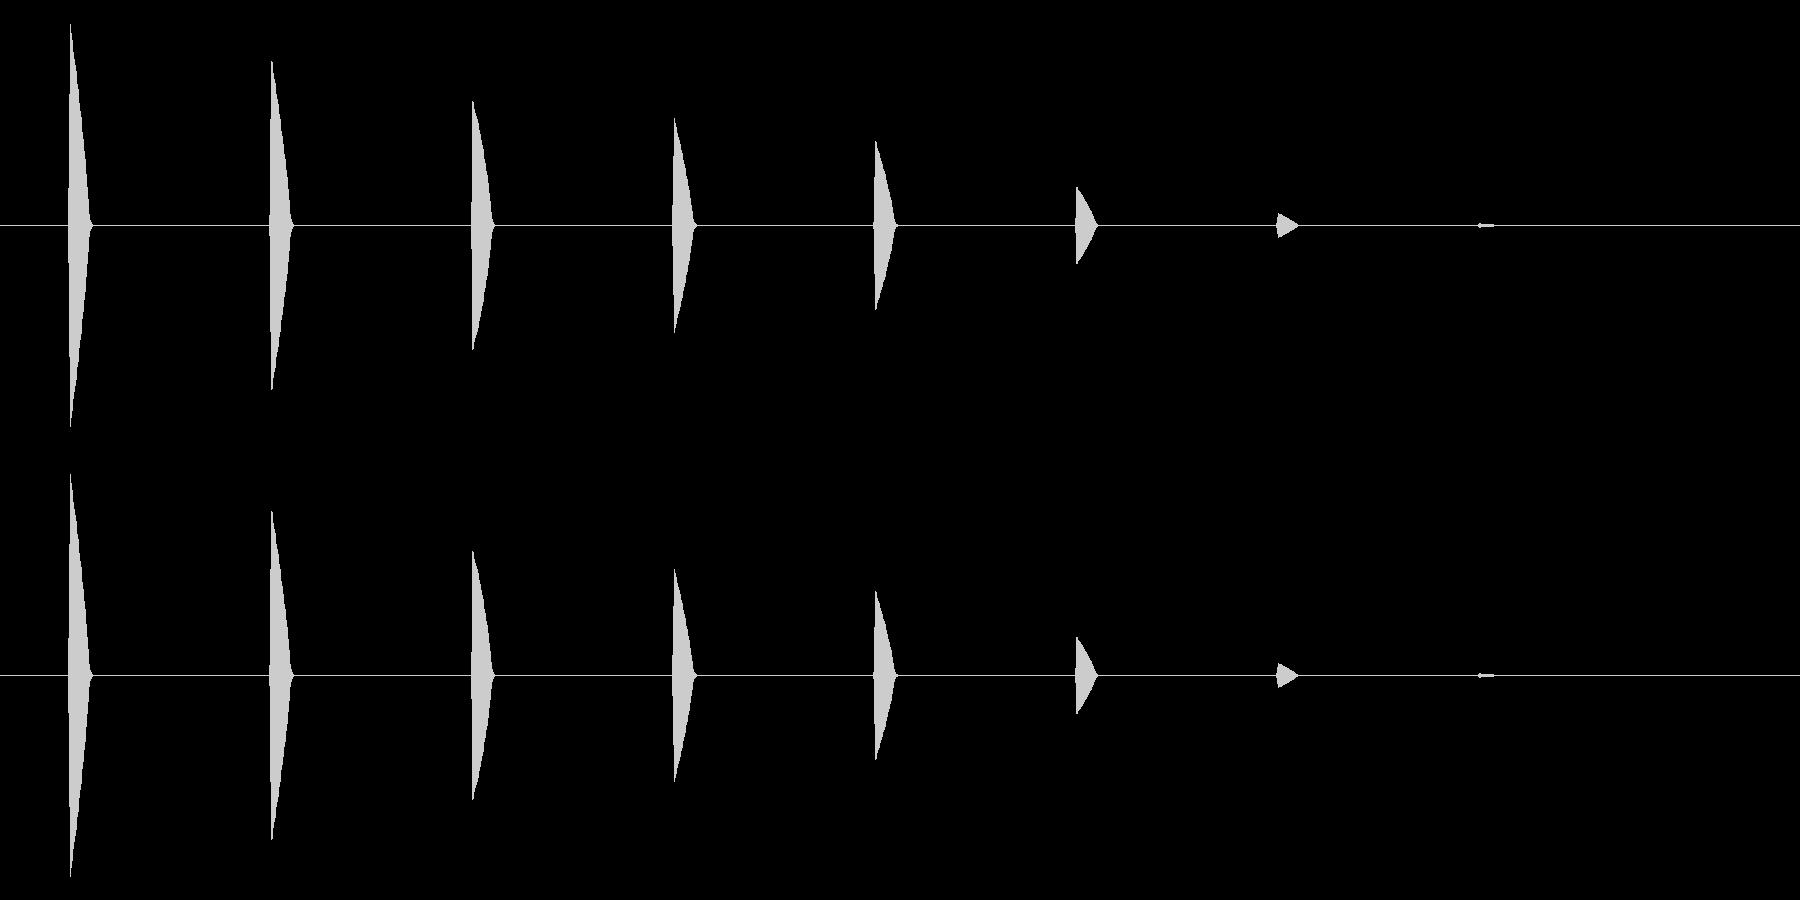 【アクセント41-3】の未再生の波形